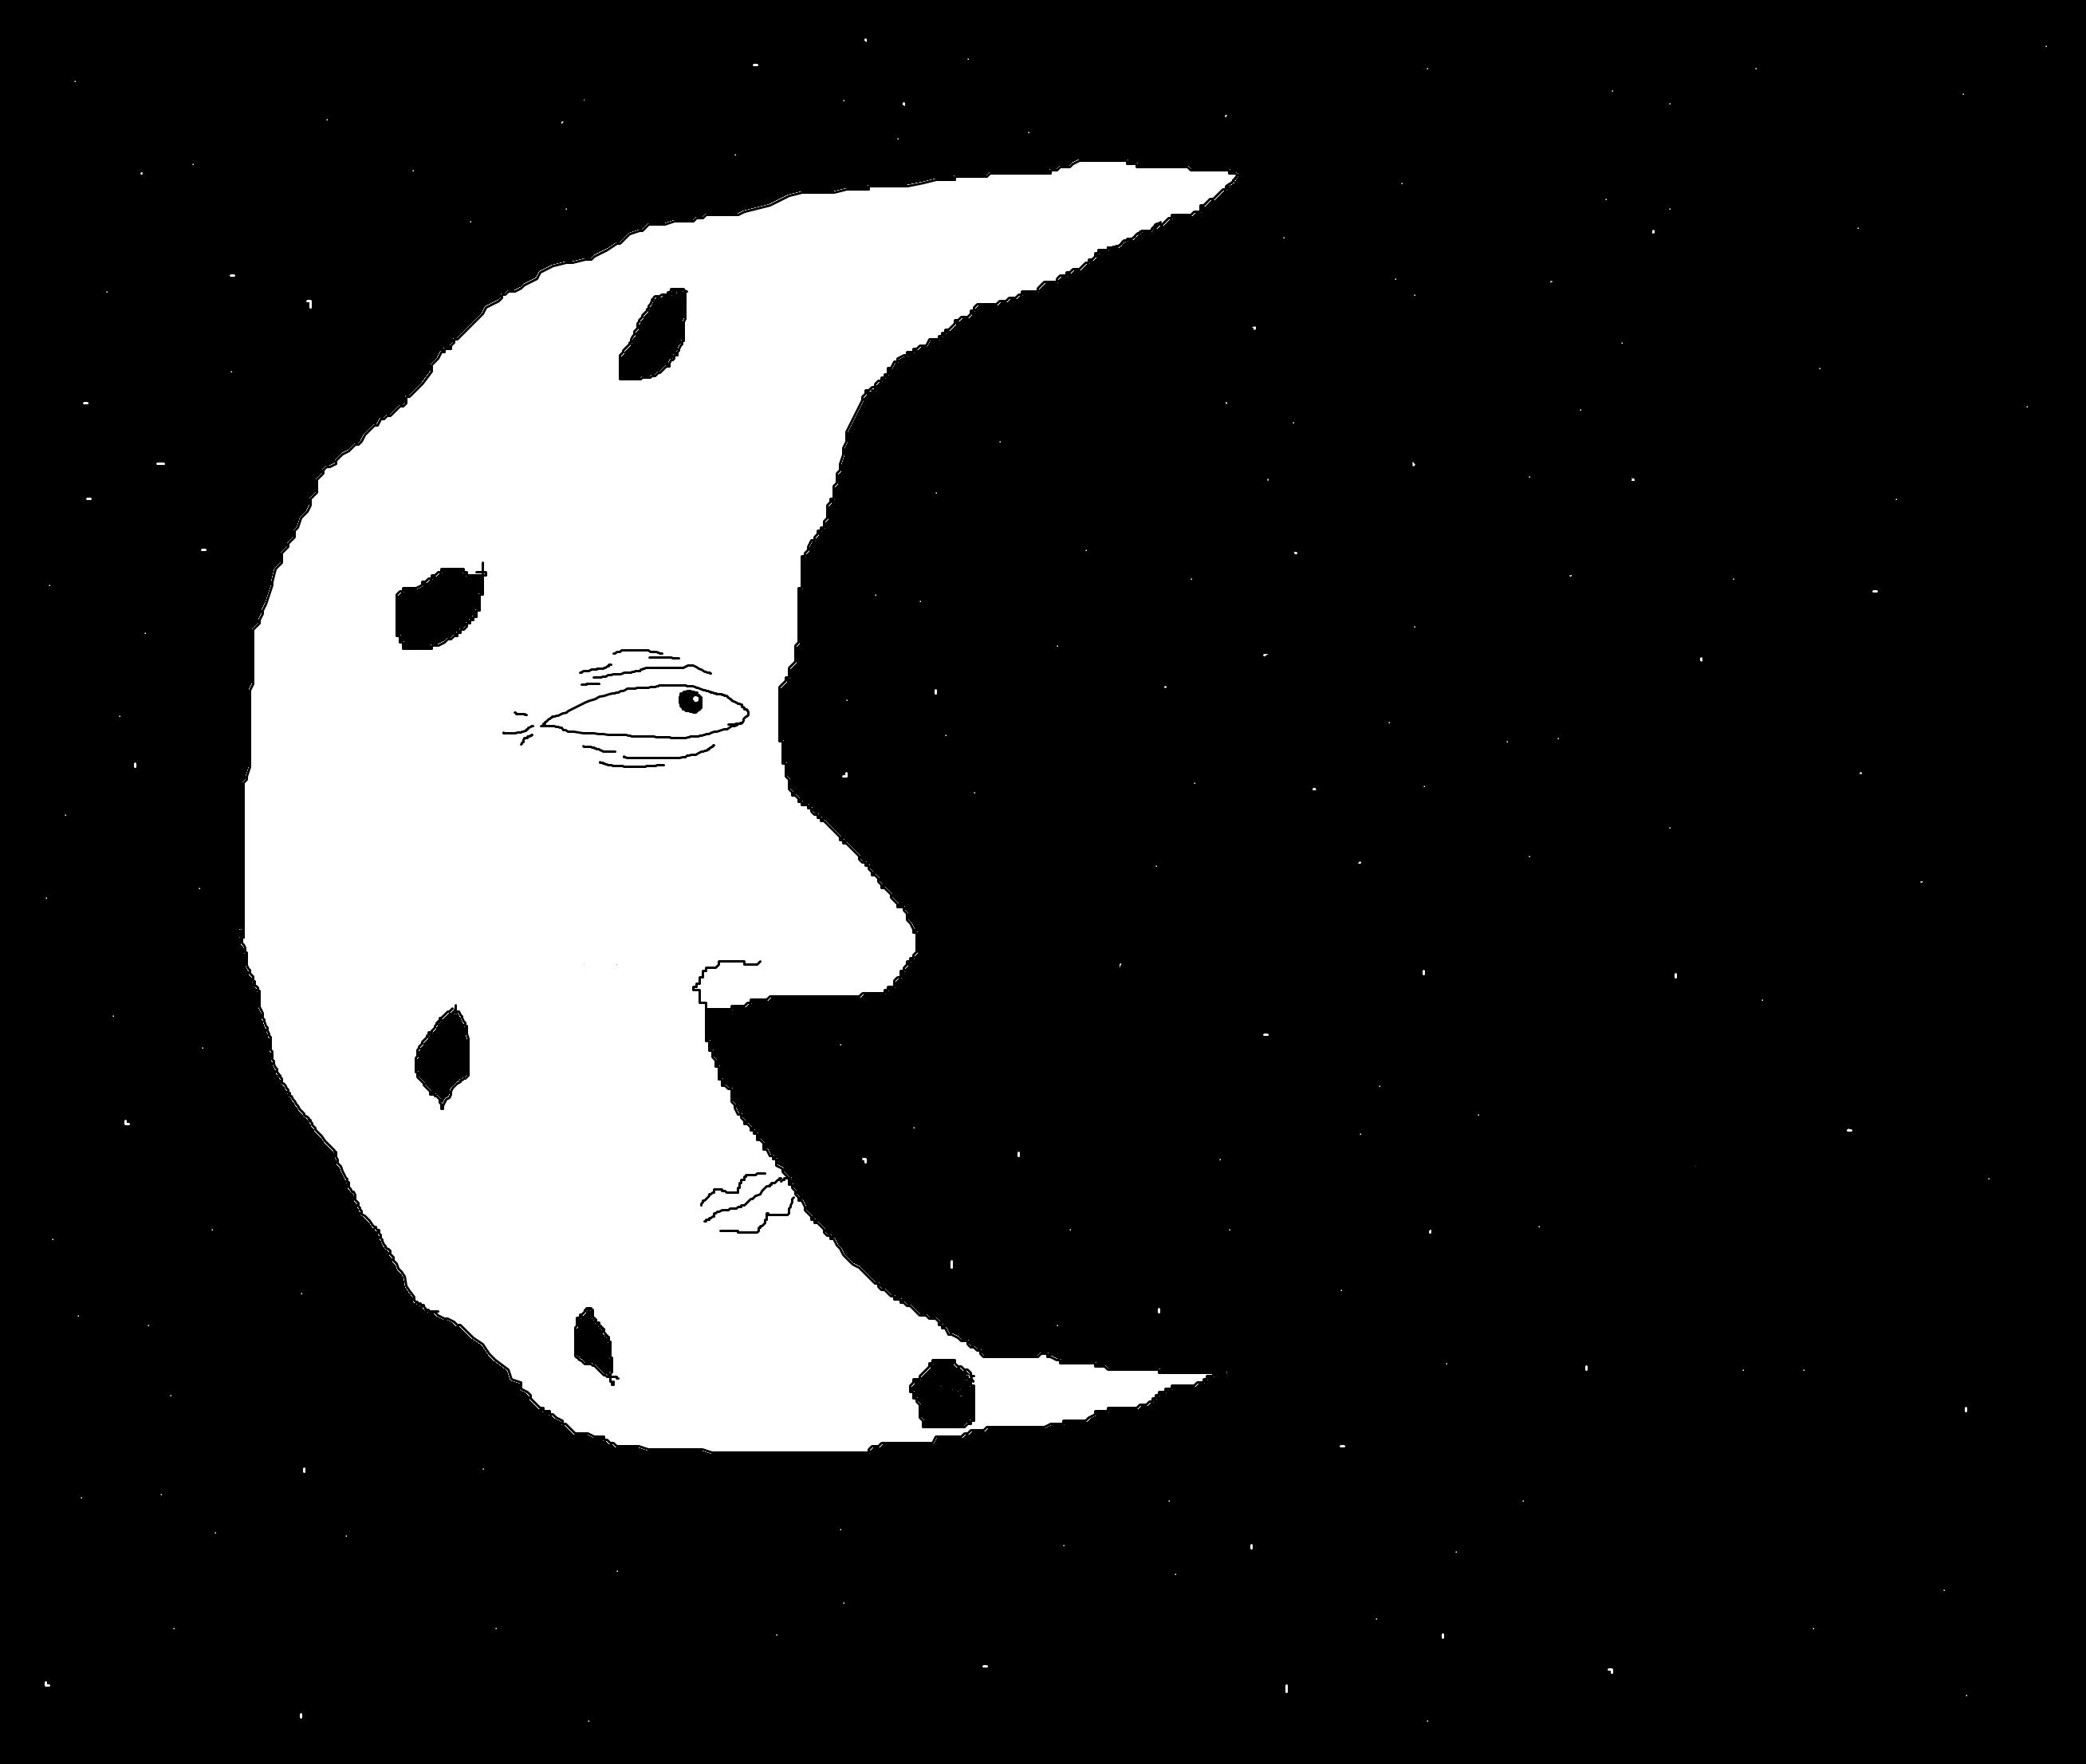 It's da moon